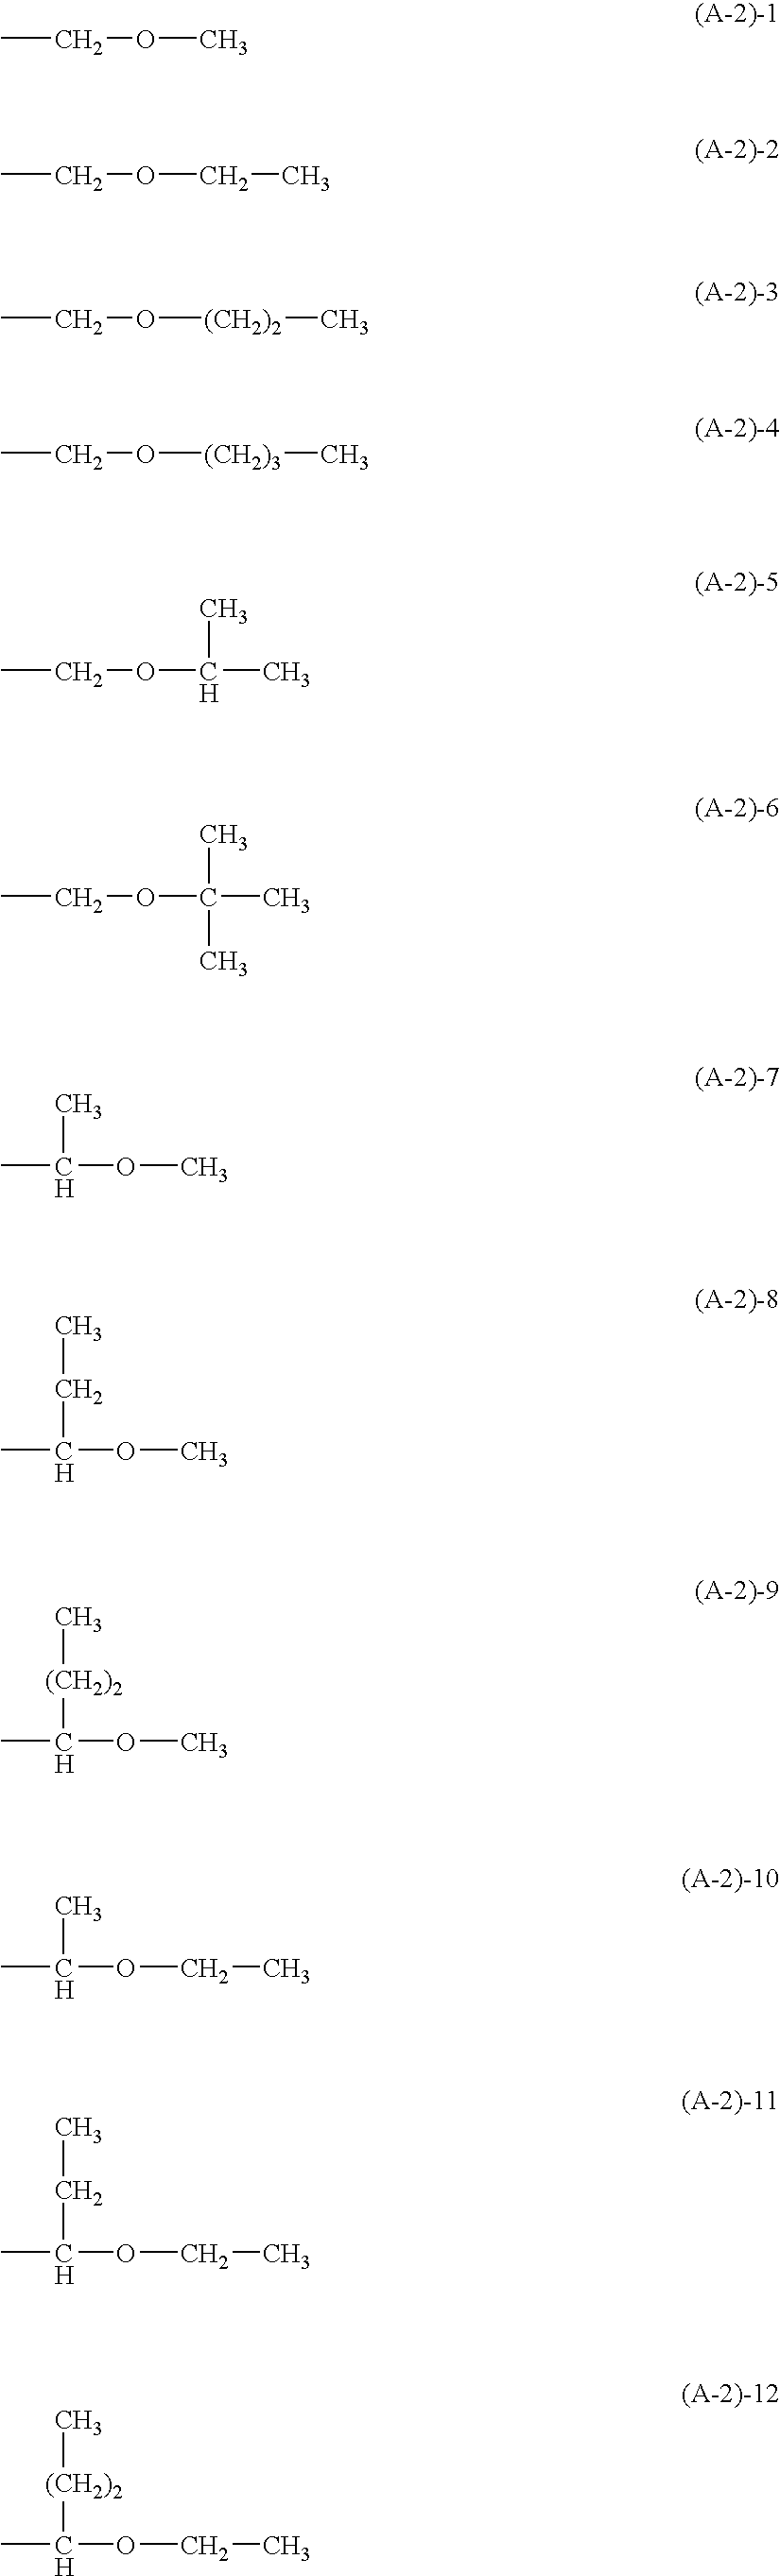 Figure US20080020289A1-20080124-C00010